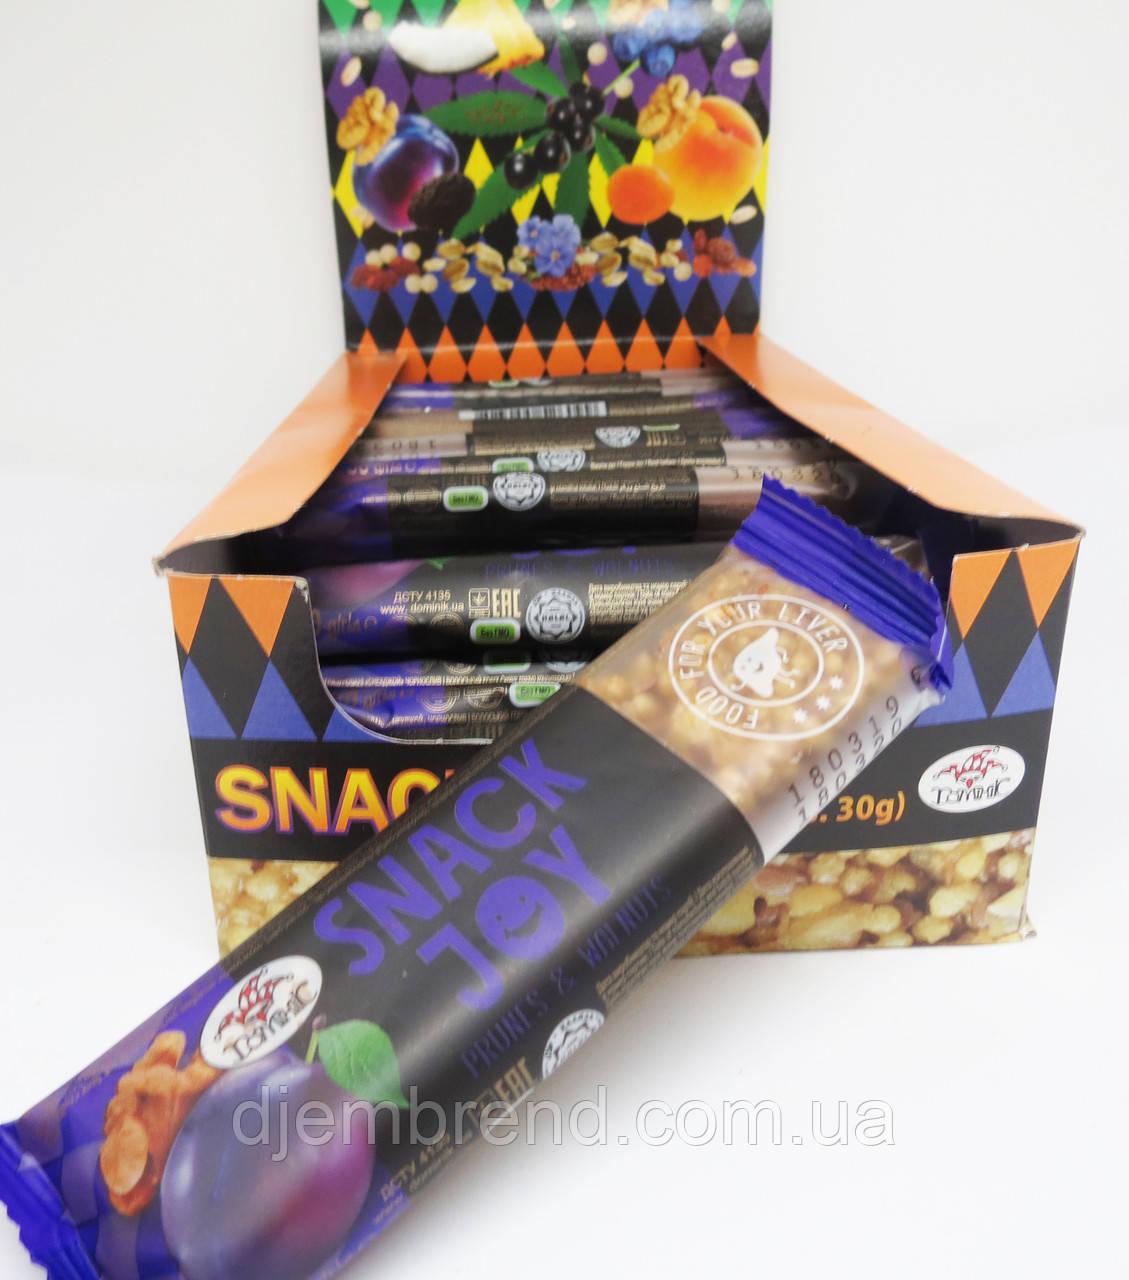 Мультизлаковый батончик Snack Joy с черносливом и грецким орехом Доминик , 30 гр